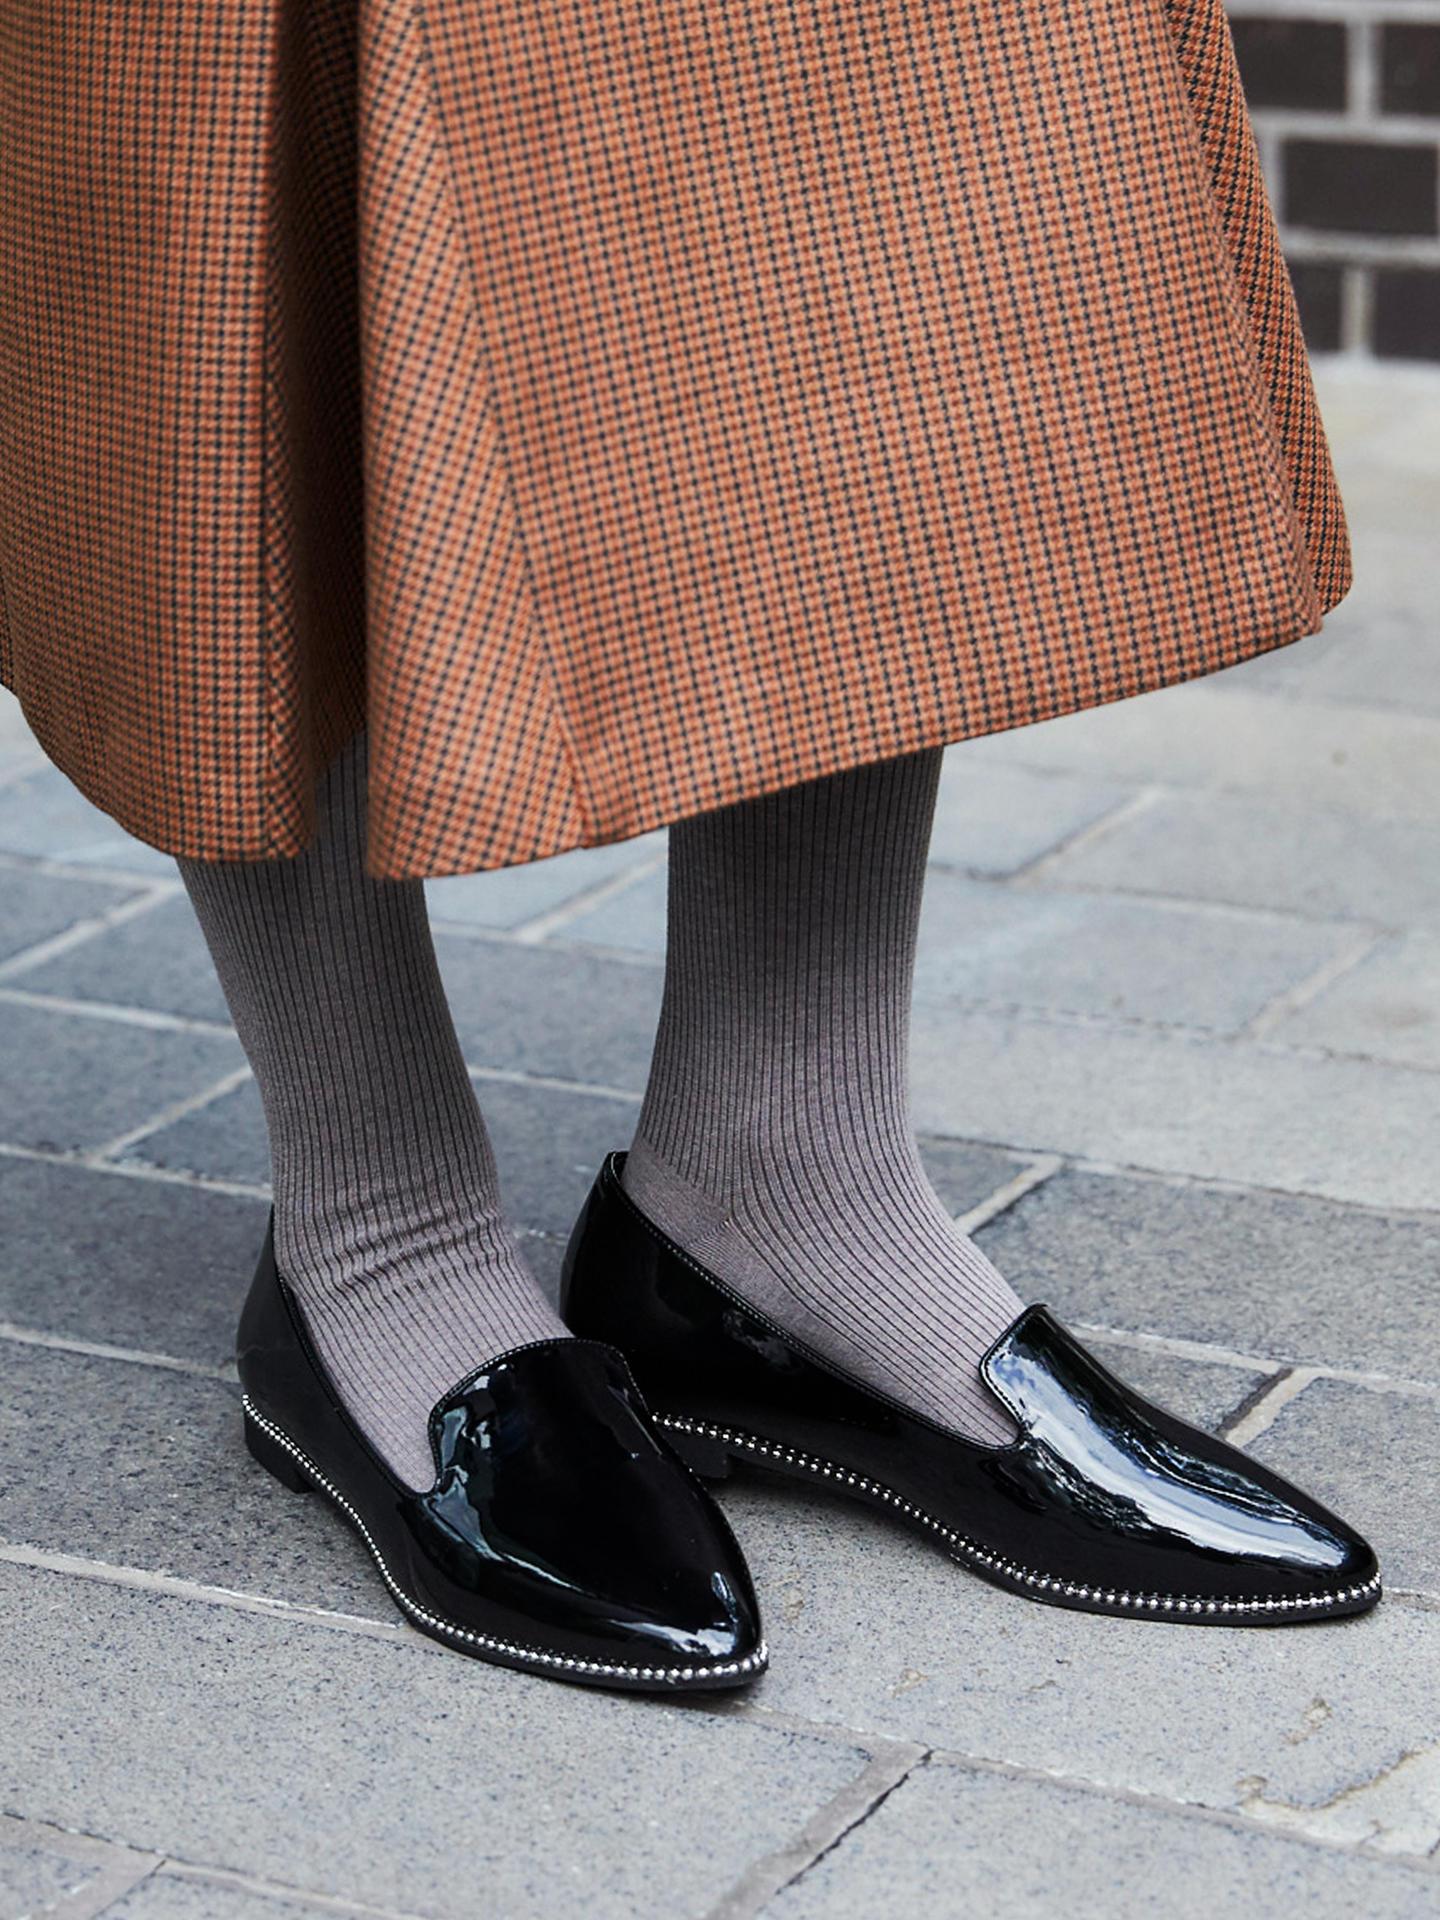 靴下屋 250デニール 綿混3×1リブ タイツ